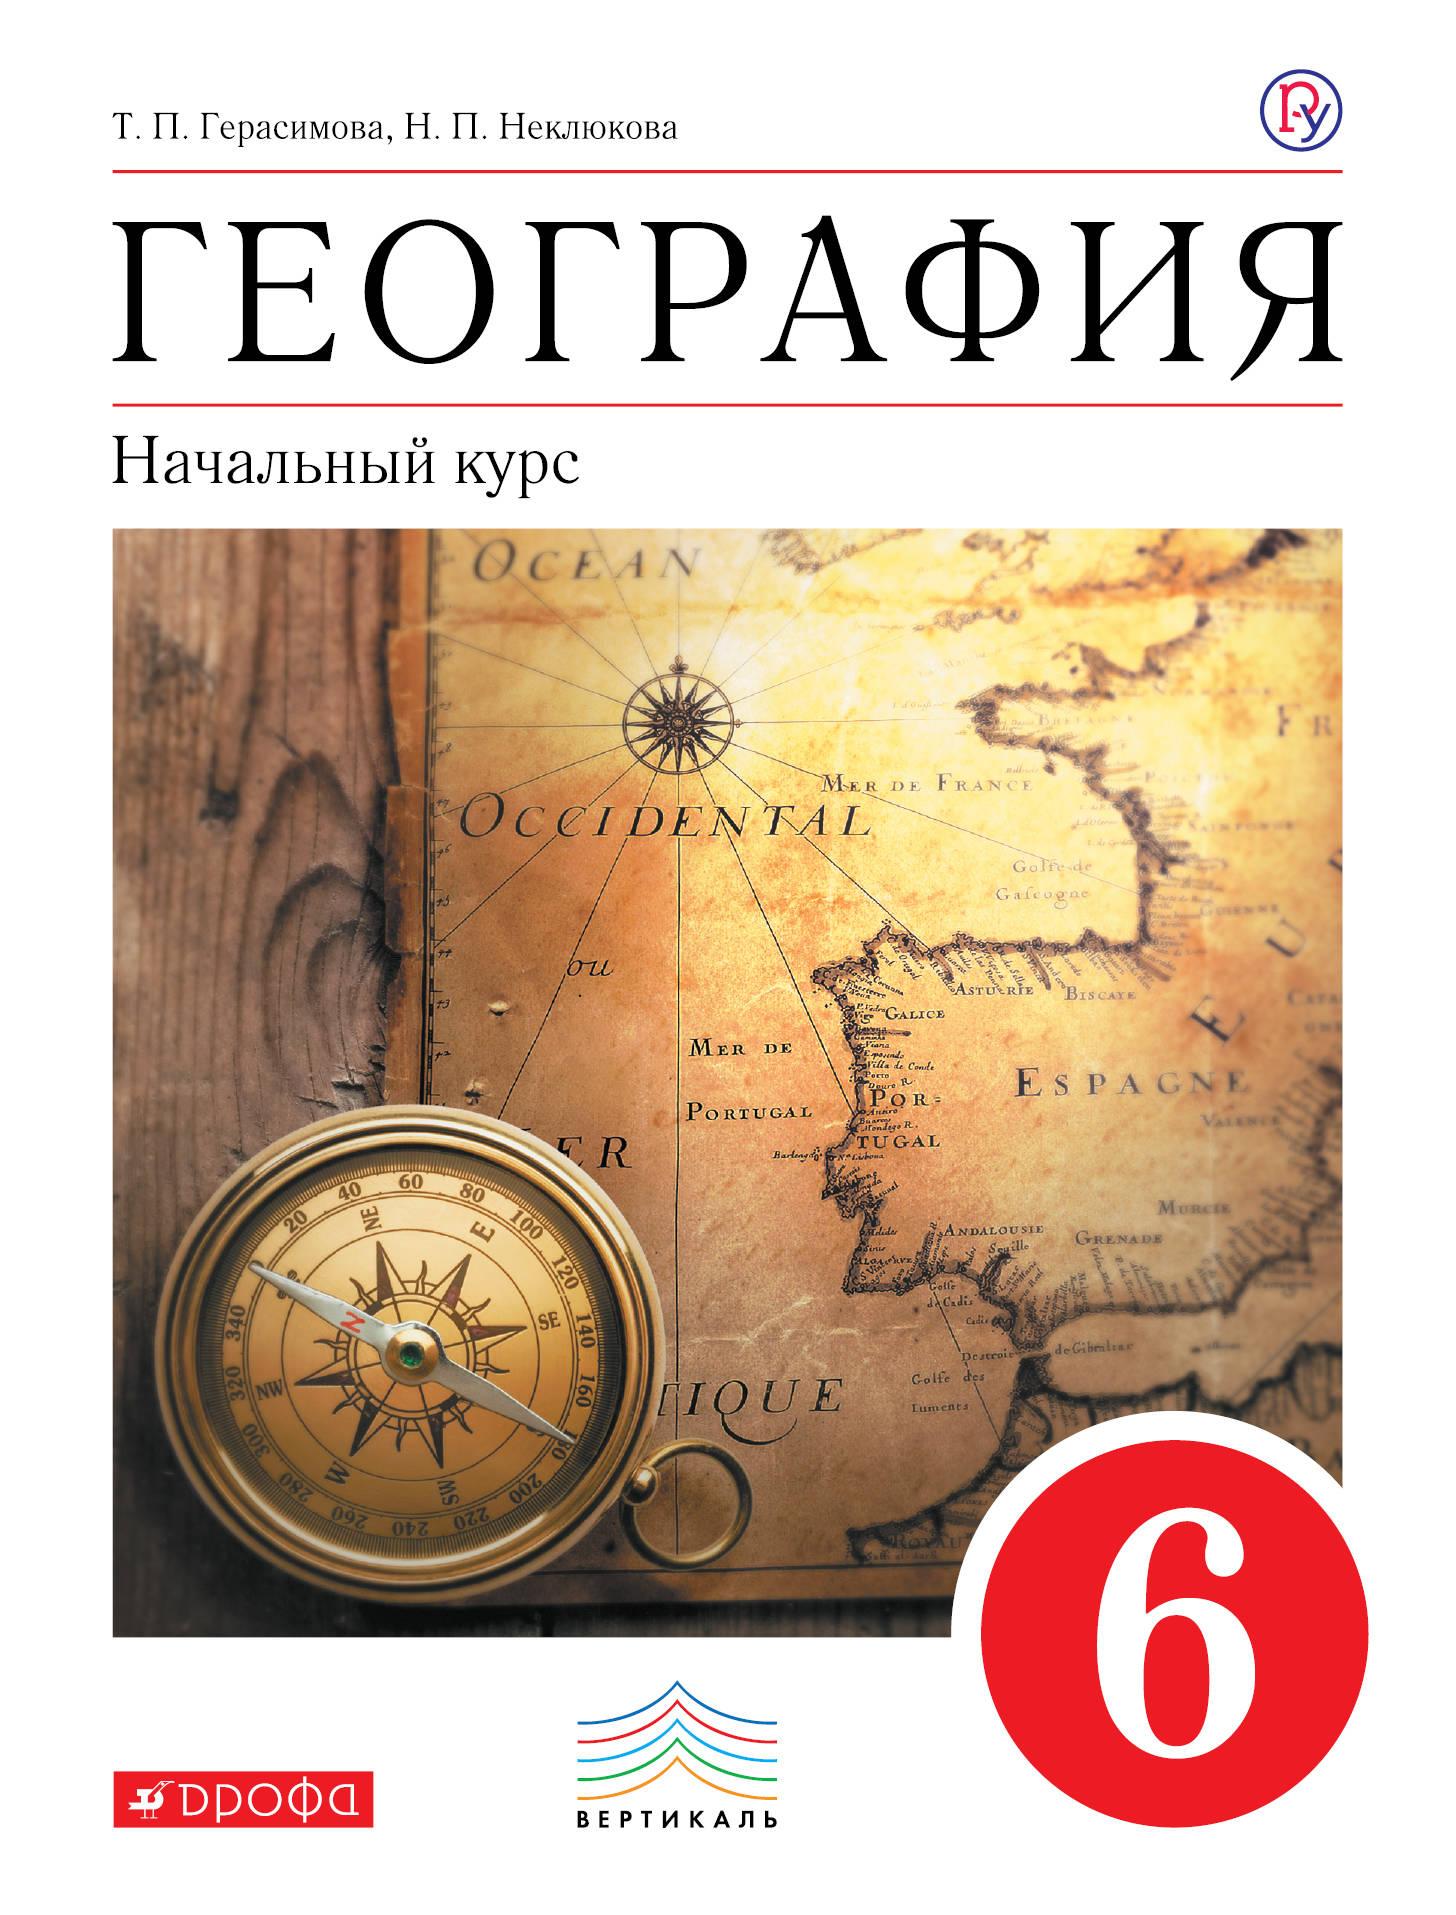 Решебник по географии 6 класс т п герасимова 2018 год списать онлайн